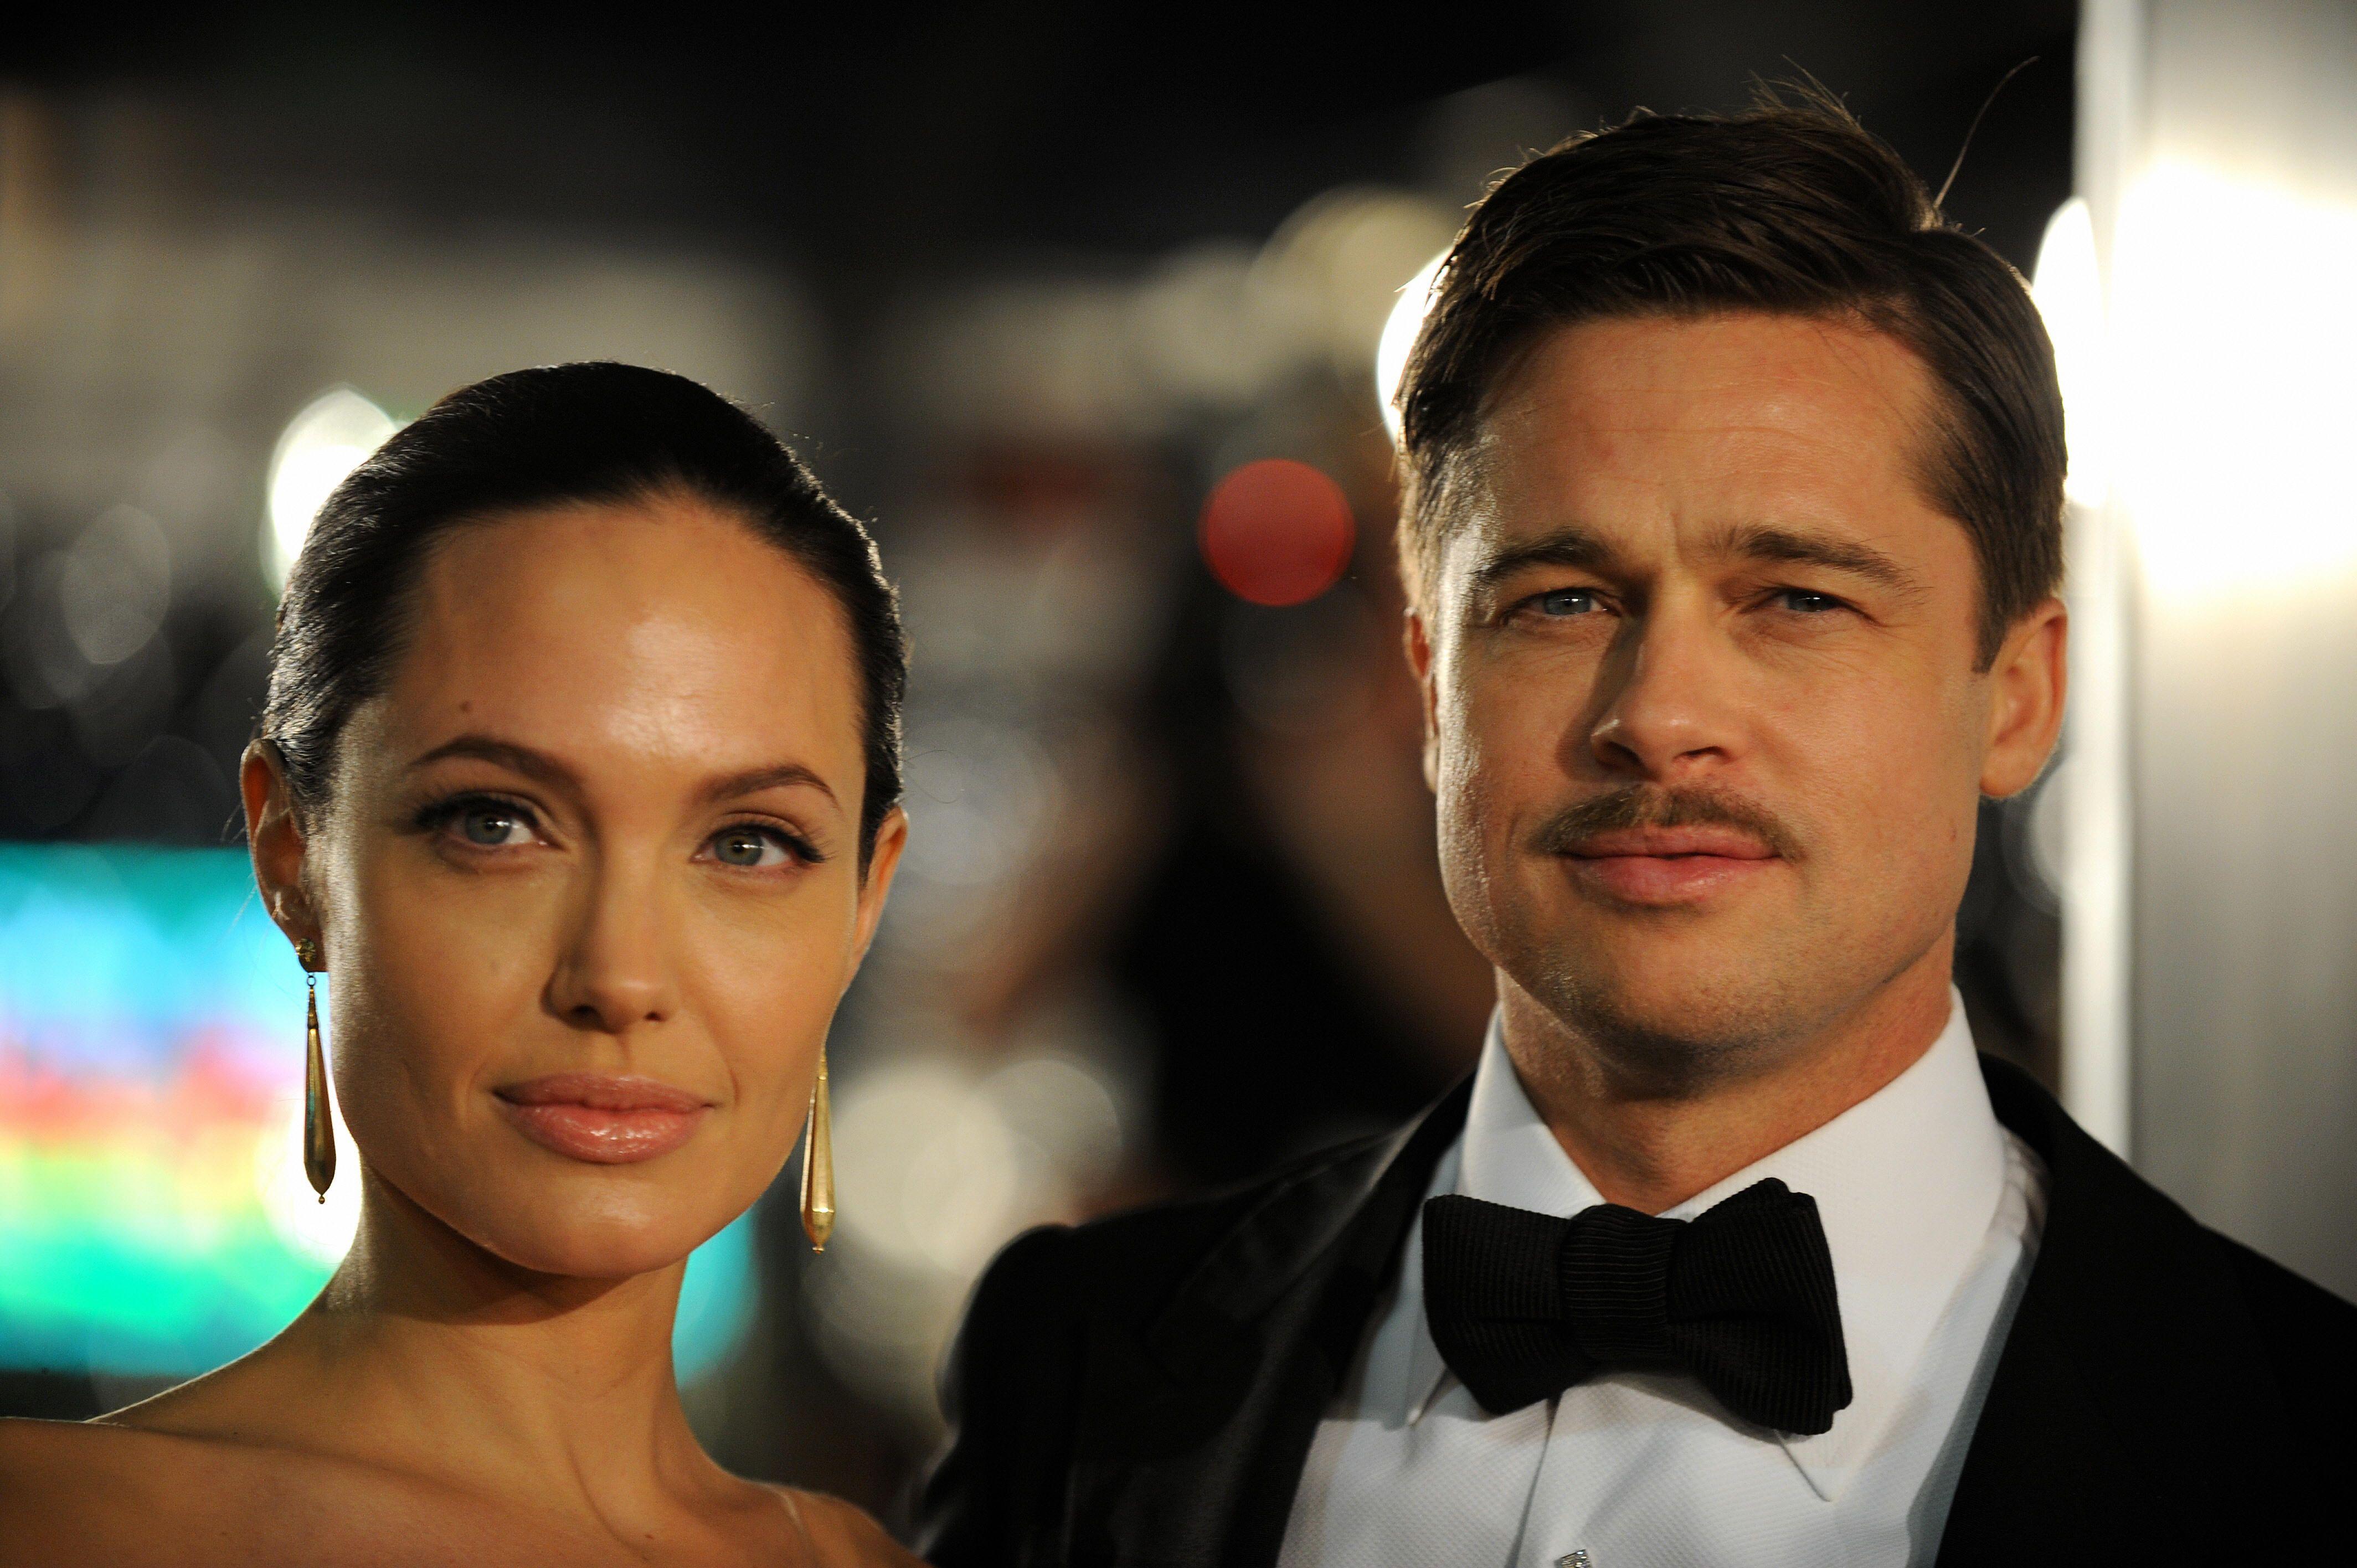 Aktörler Angelina Jolie ve Brad Pitt geliyor